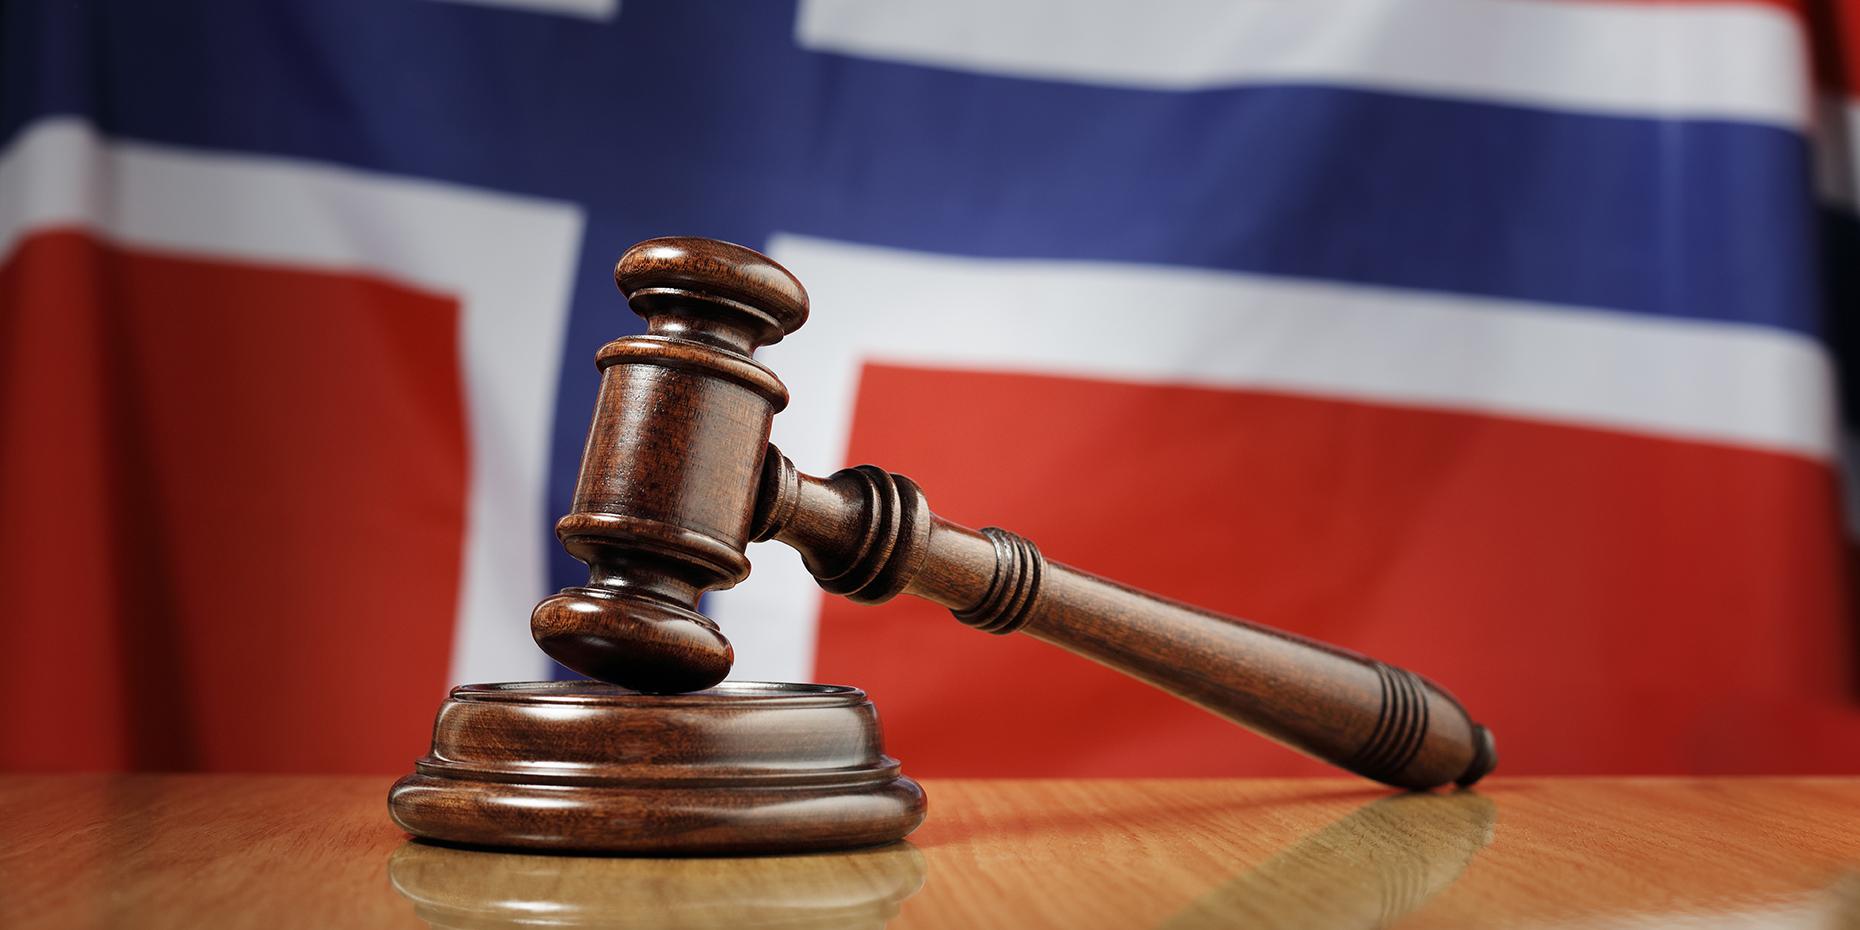 26-åring dømt for voldtekt av 15 år gammel kjæreste